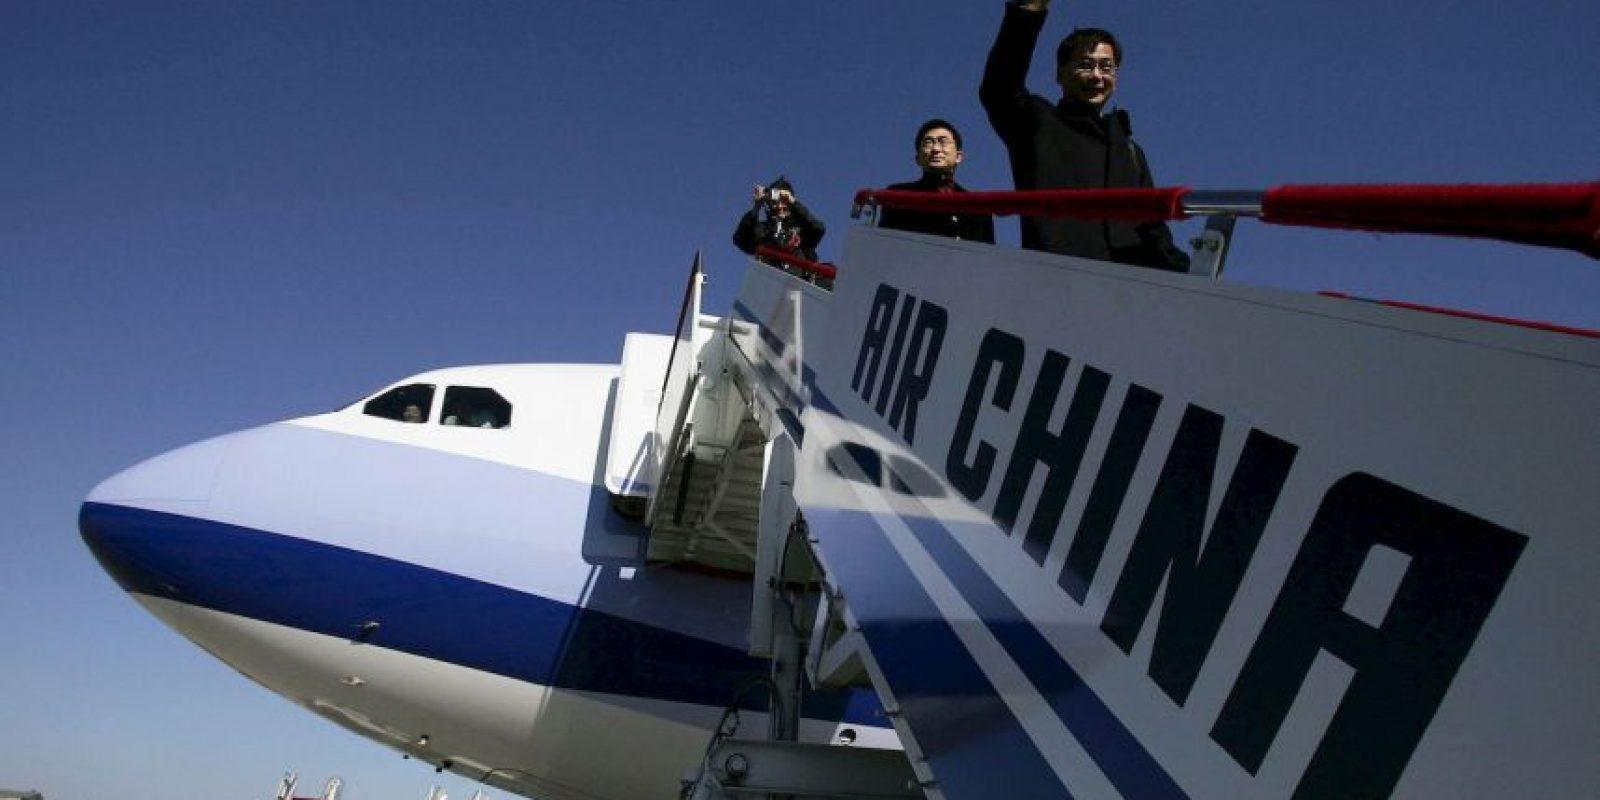 4. Tras la emergencia el vuelo tuvo que ser desviado a Anchorage, Alaska. Foto:Getty Images